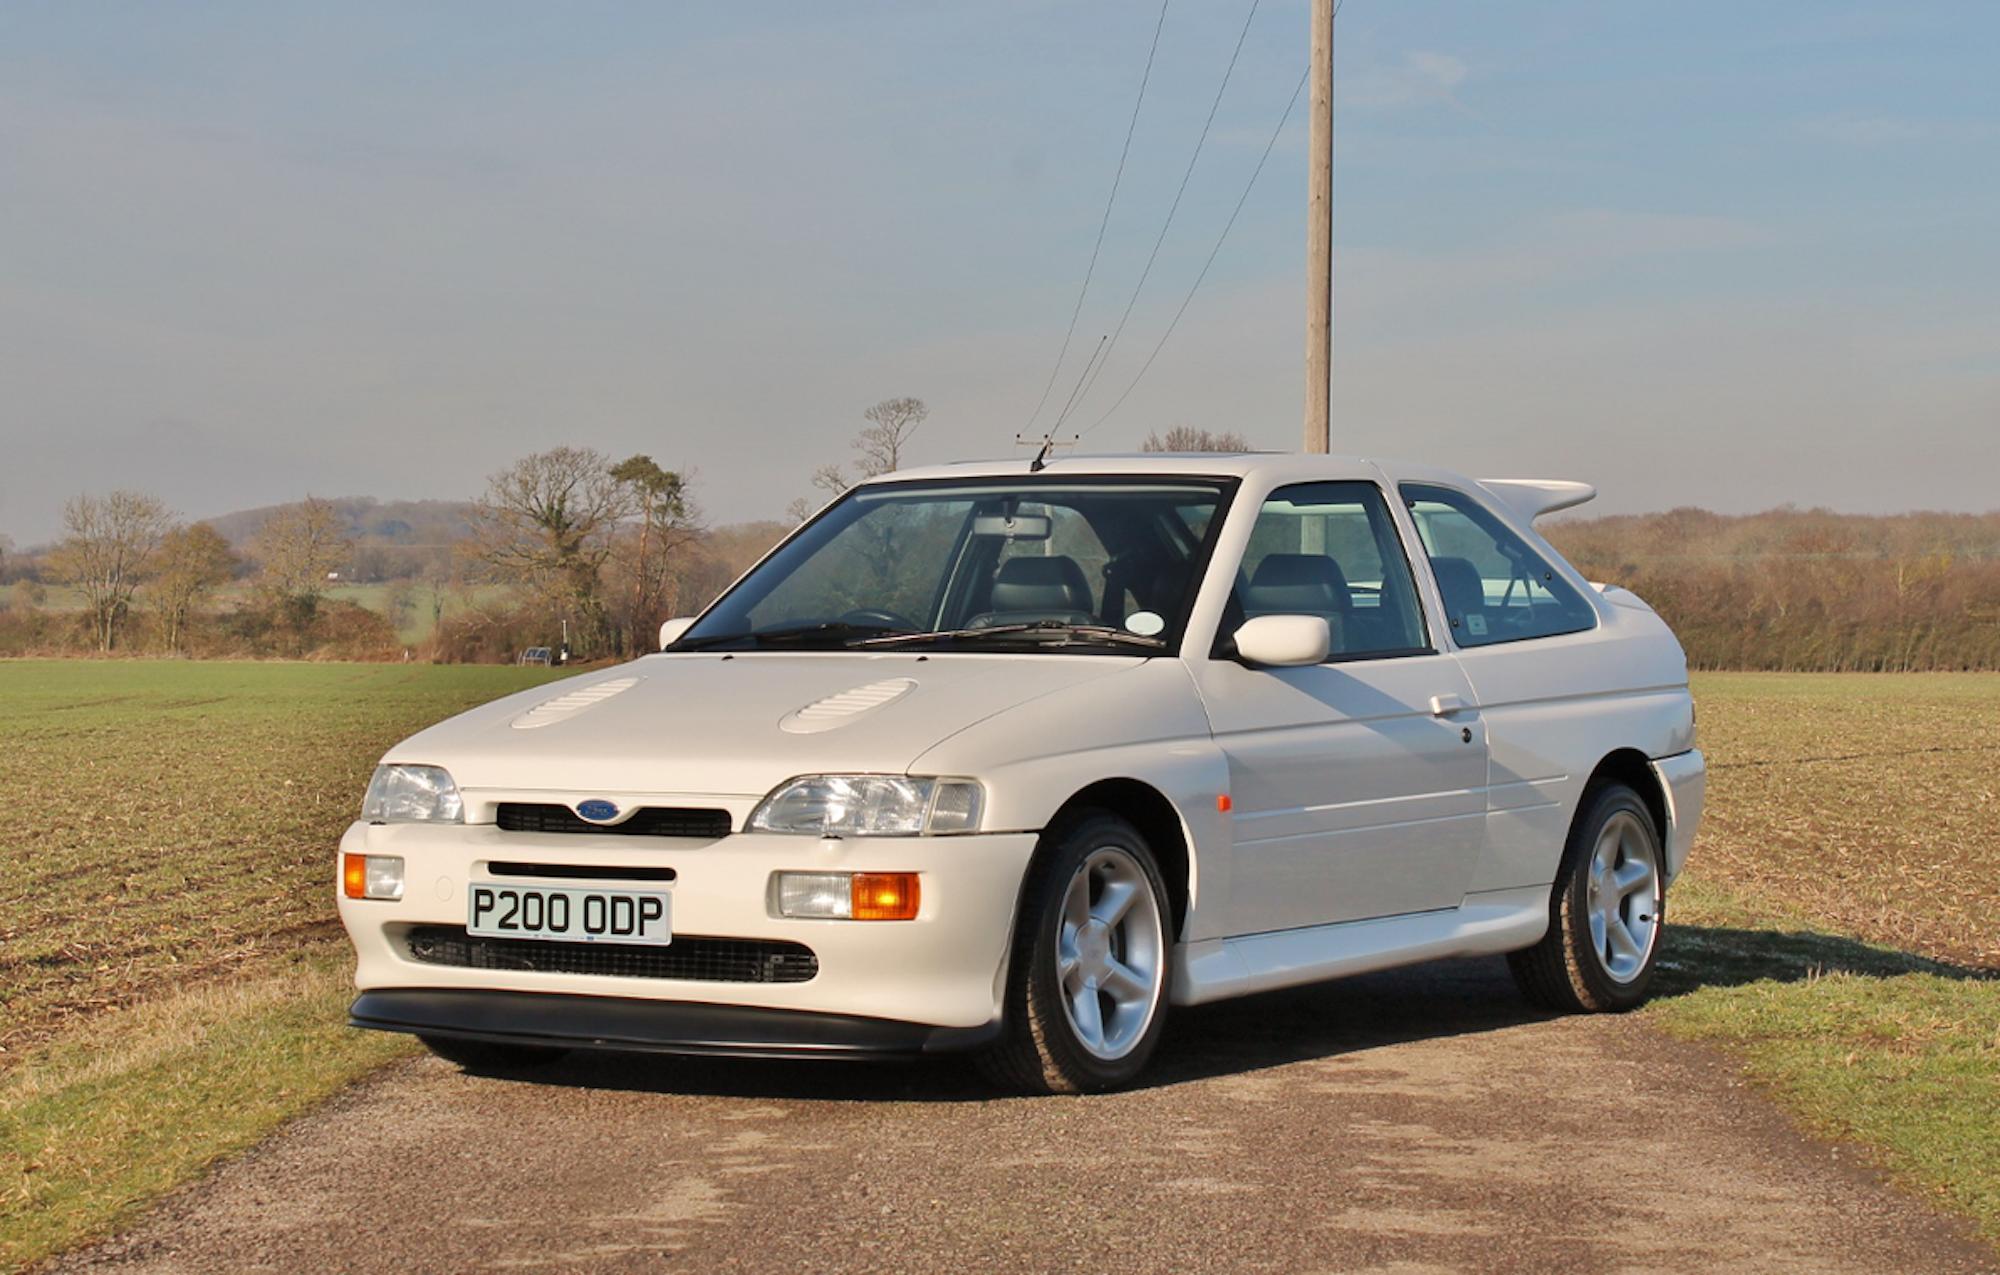 White 1990s Ford Escort Cosworth